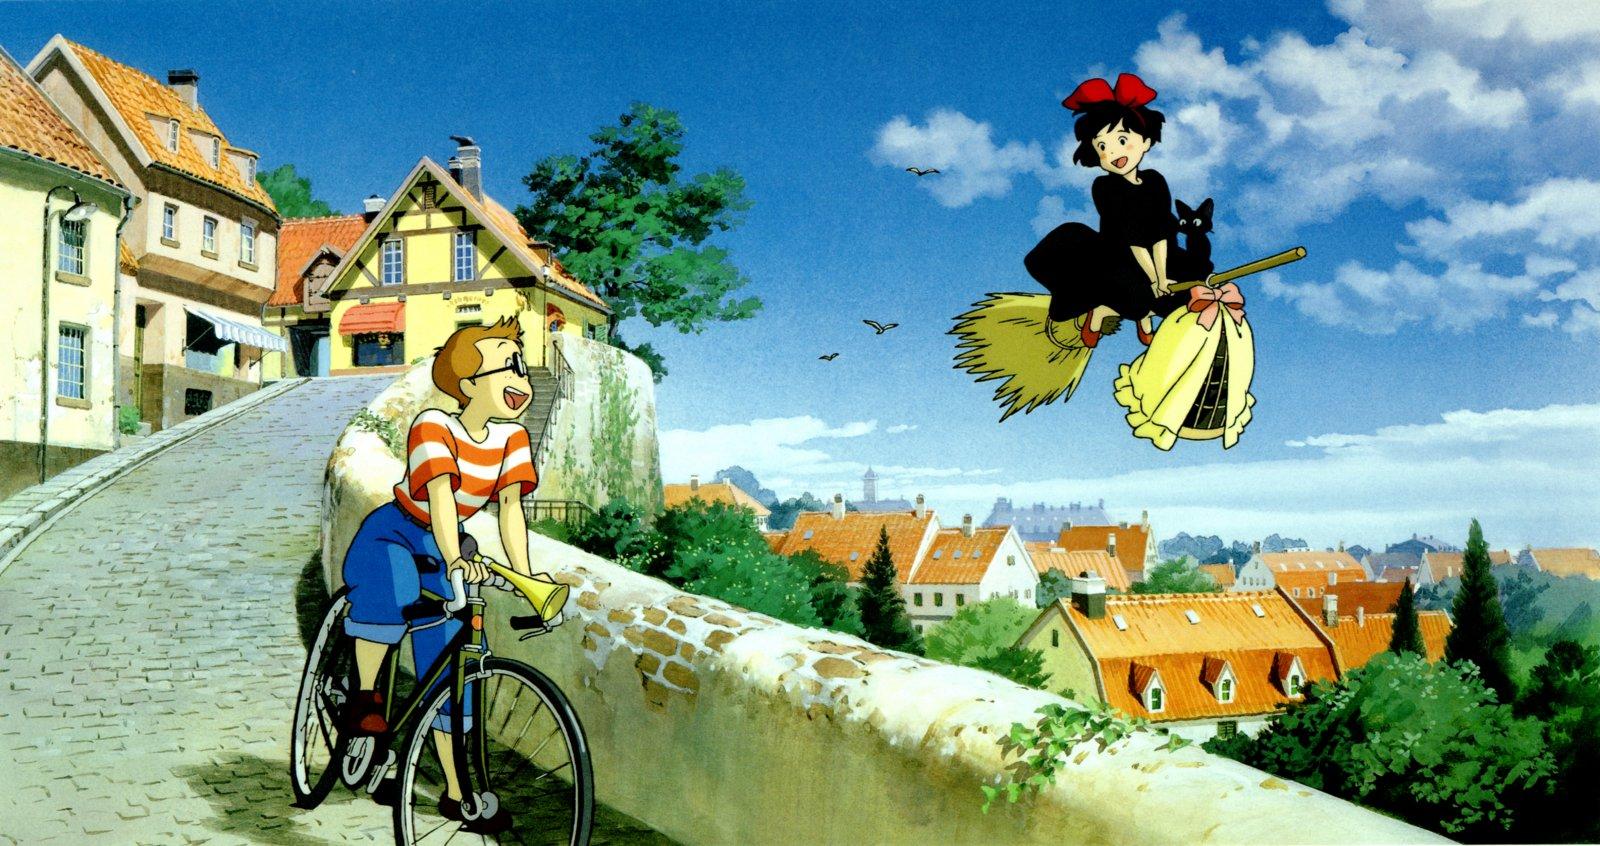 Studio Ghibli Wallpaper 1600x846 Studio Ghibli Kikis Delivery 1600x846